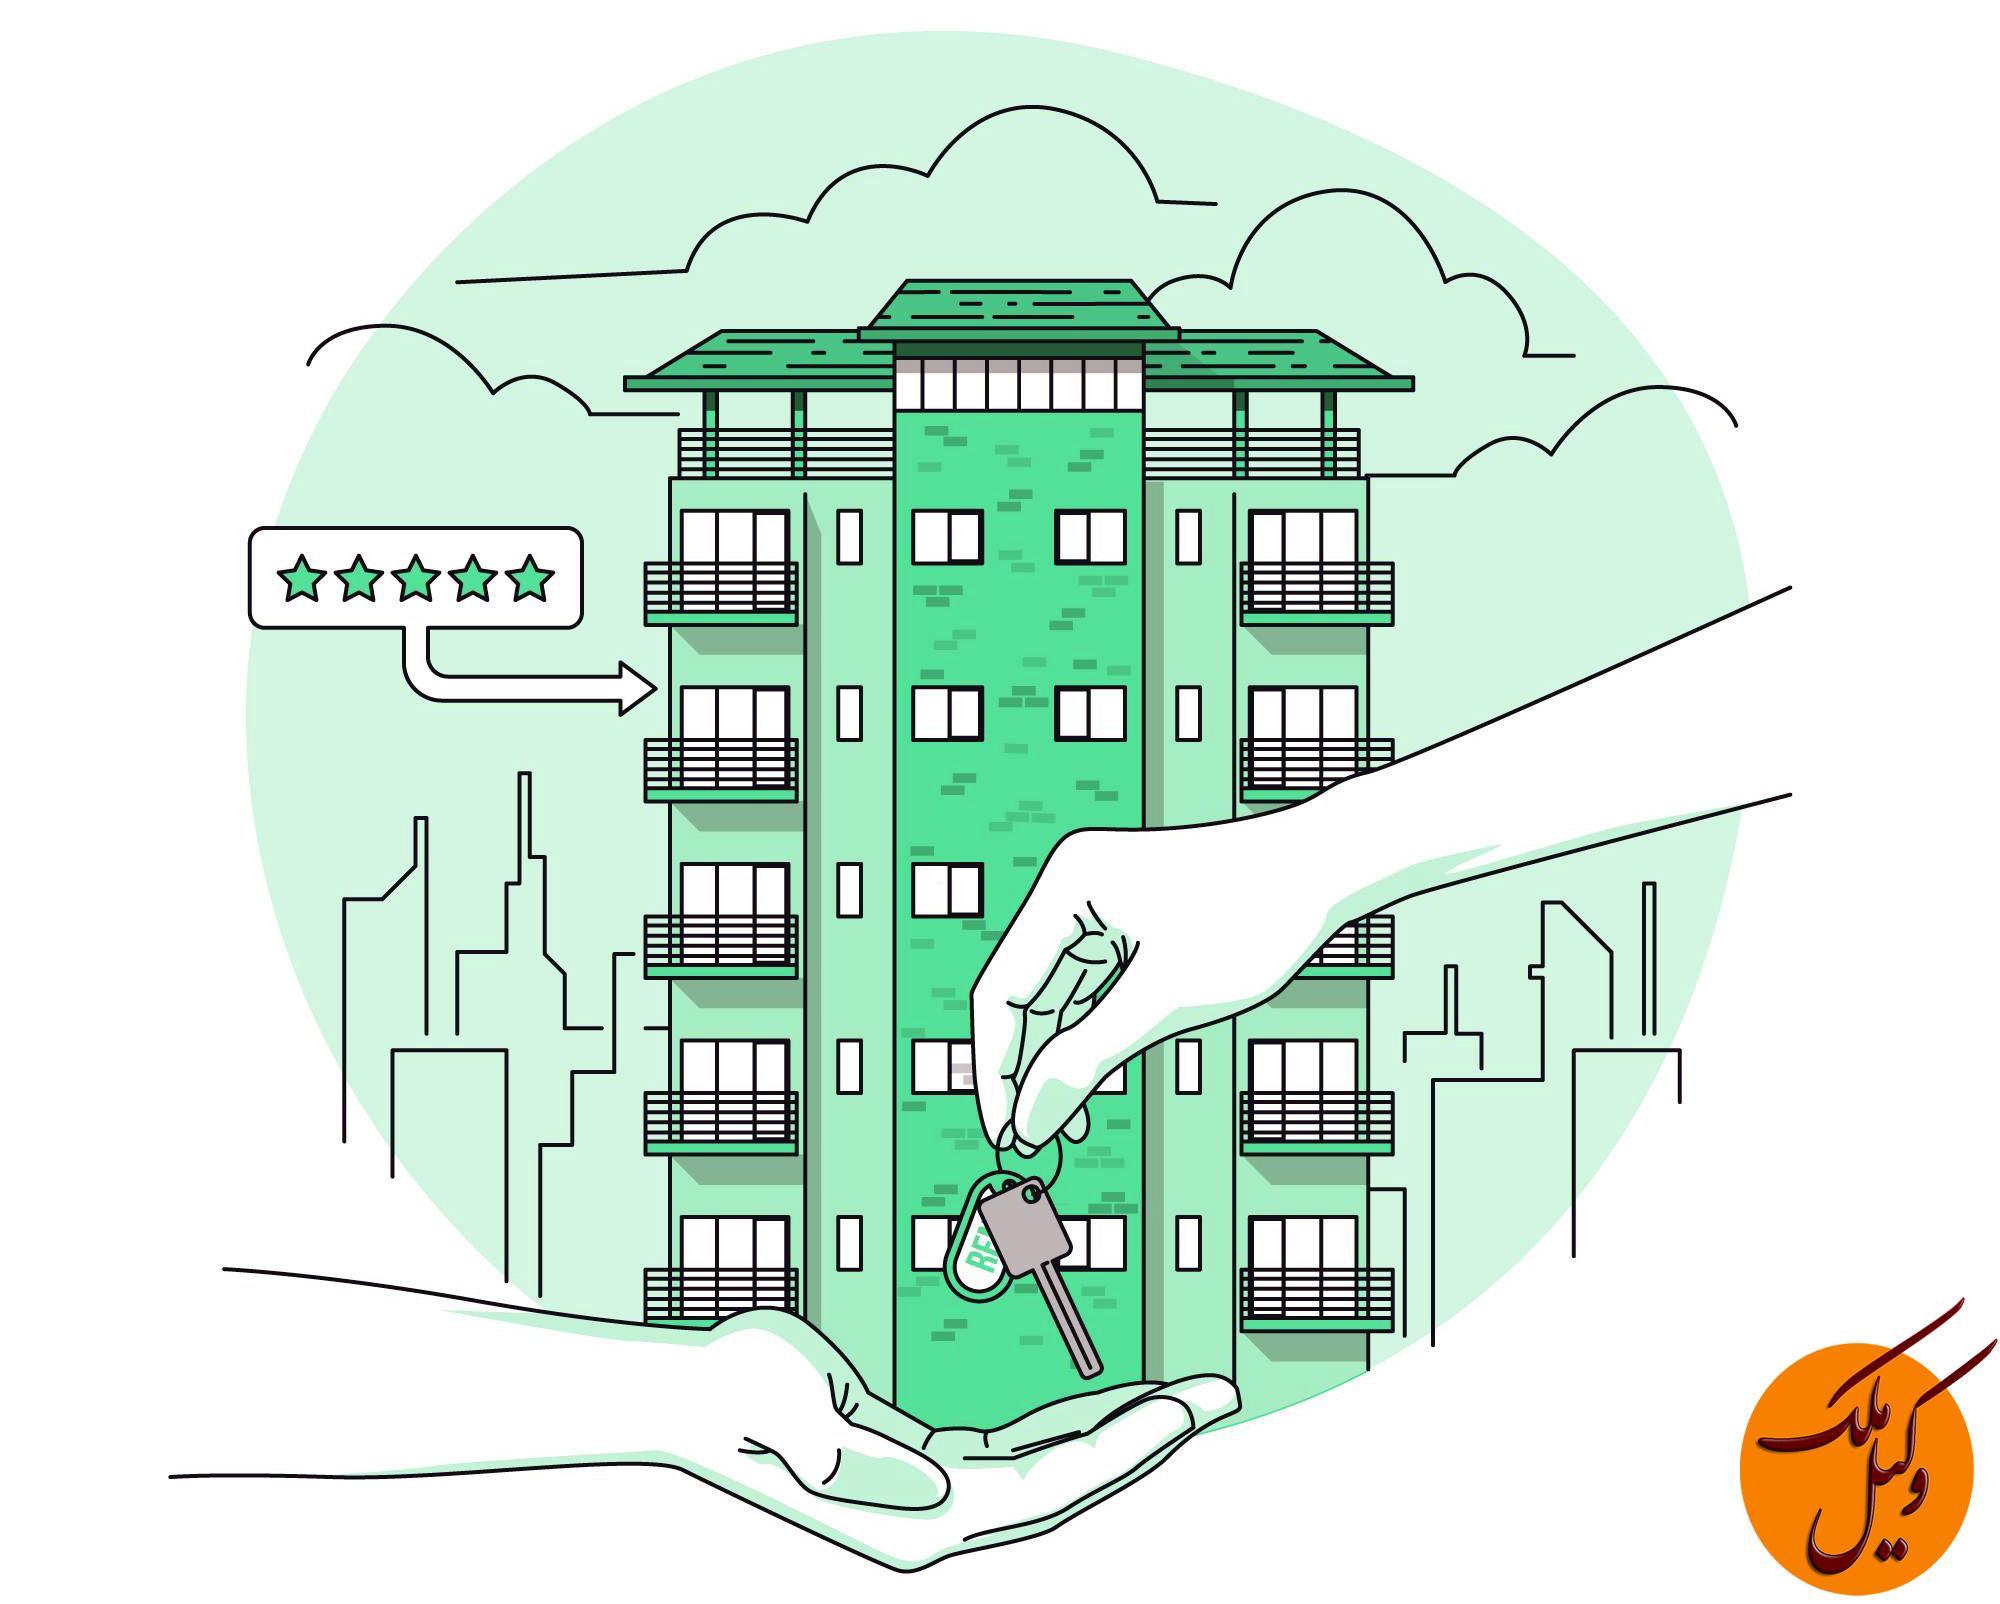 اجاره و قوانین مربوط به اجاره و مقاد قرارداد اجاره